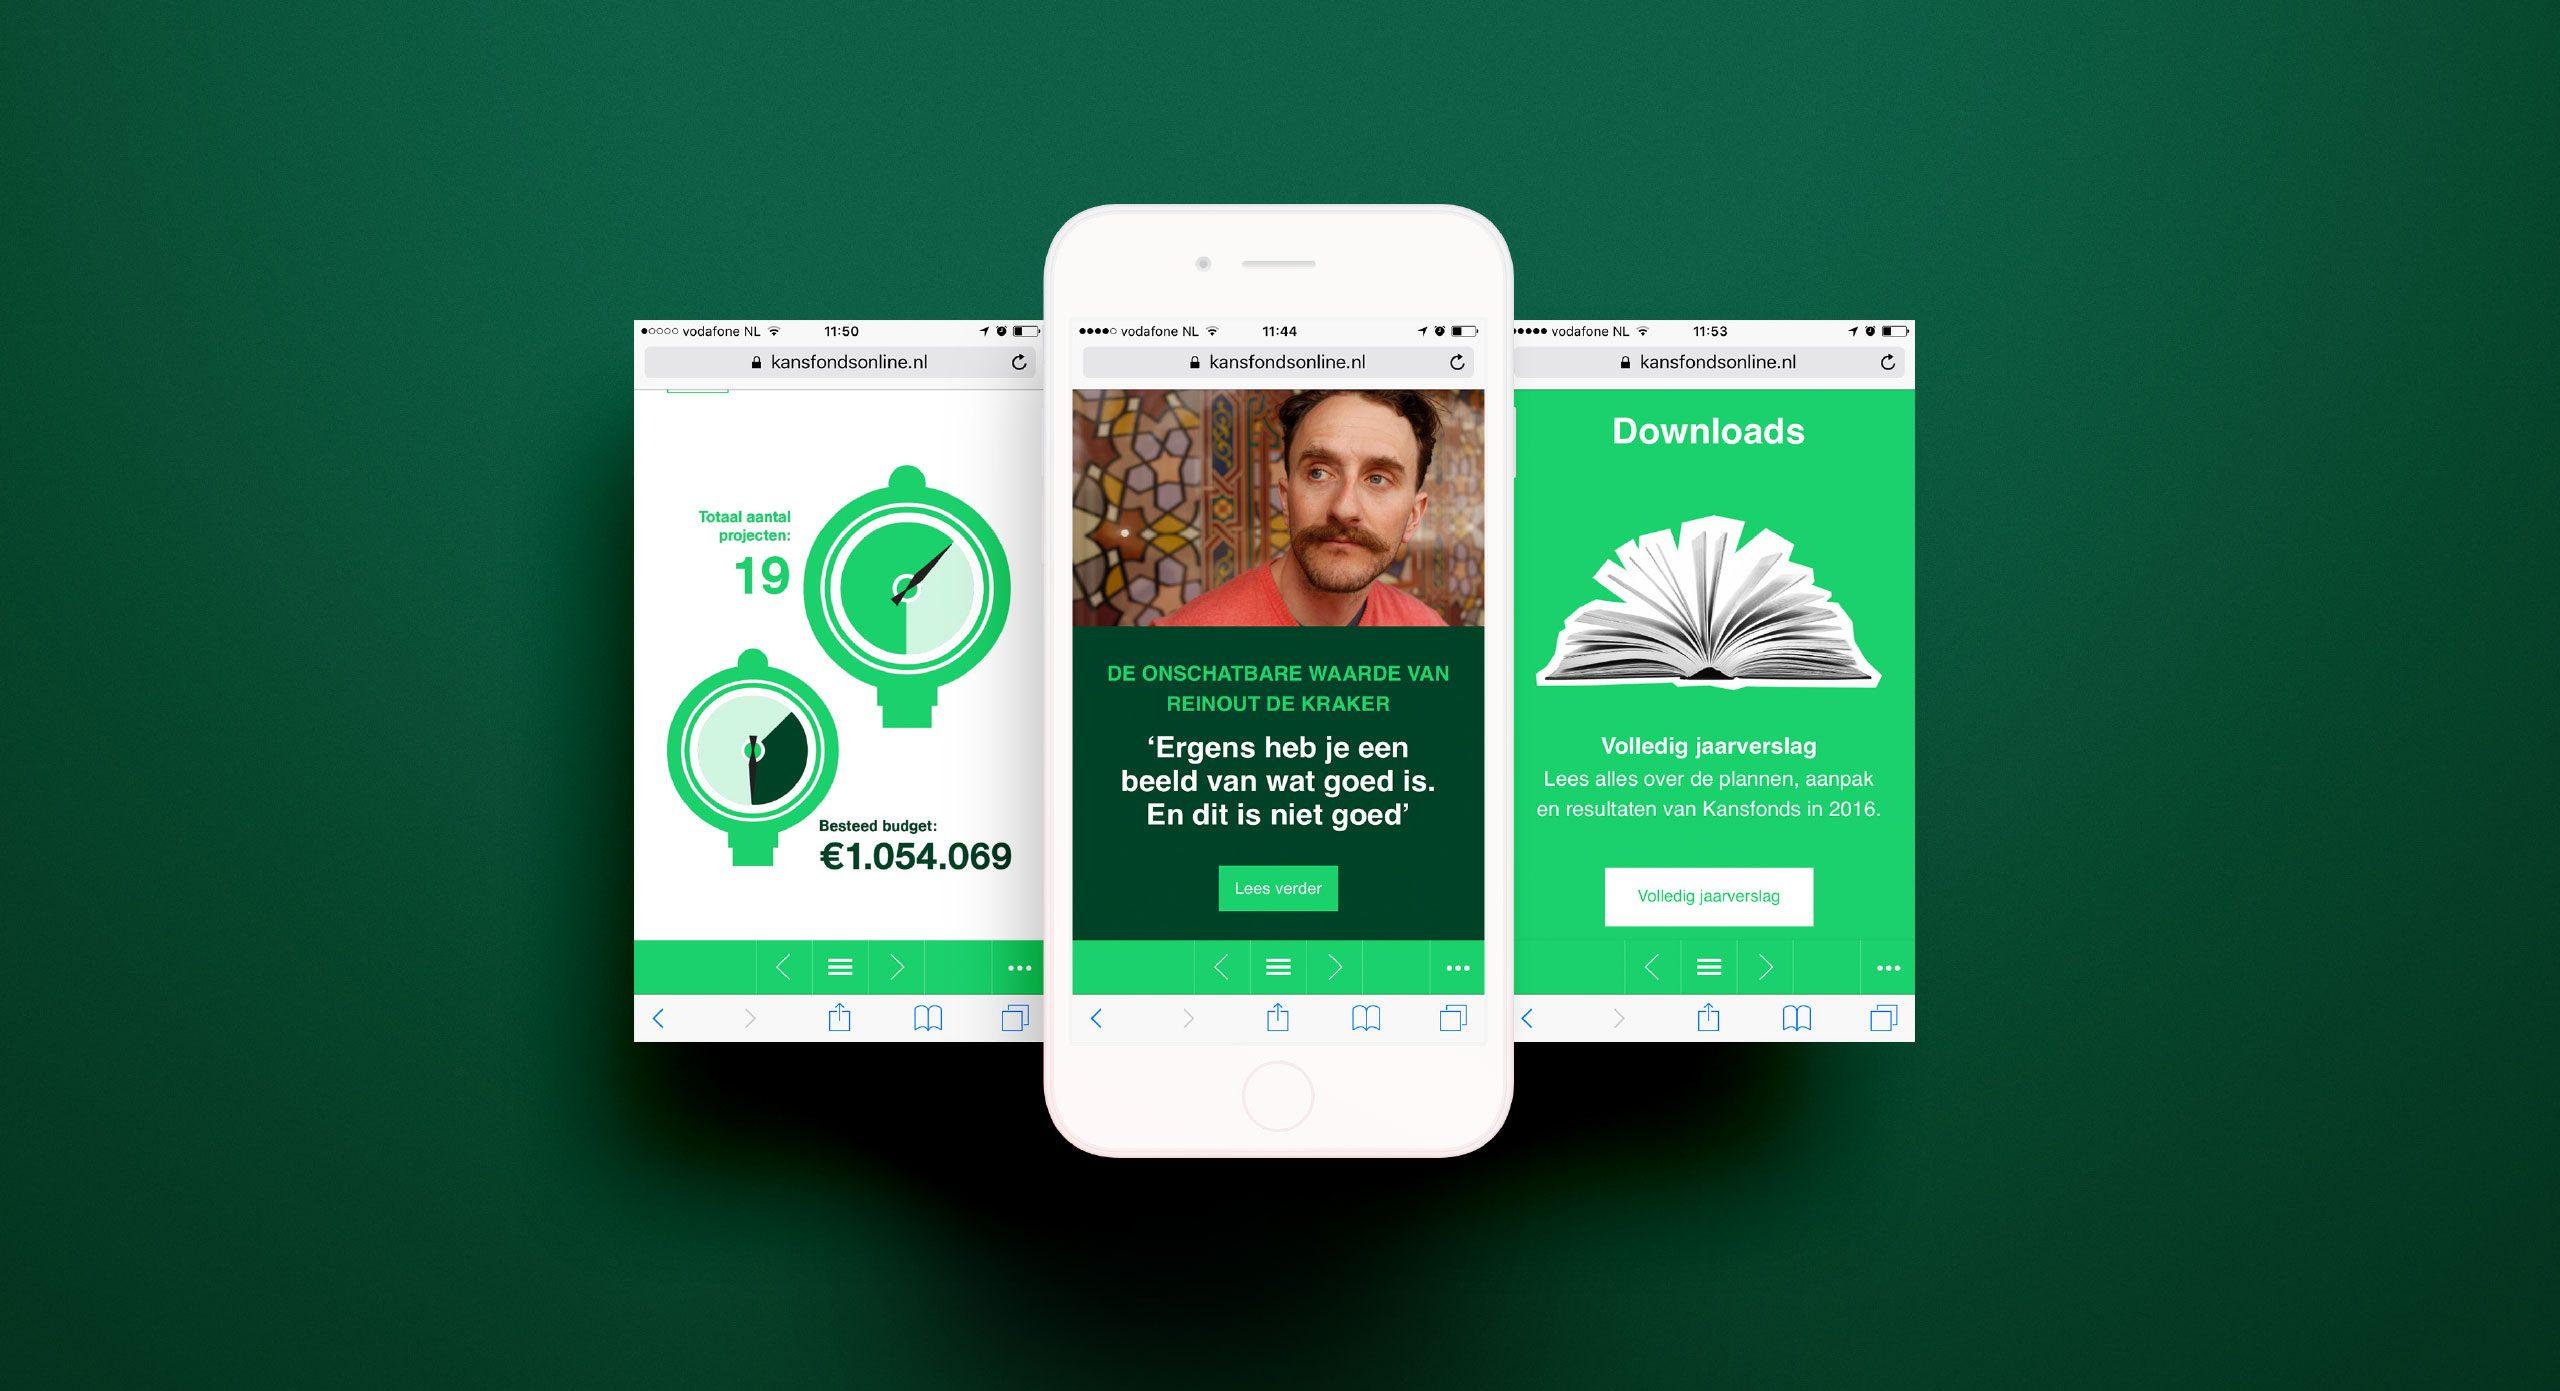 Responsive-online-magazine-jaarverslag-kansfonds-digitaal-jaarverslag-dutchgiraffe-02